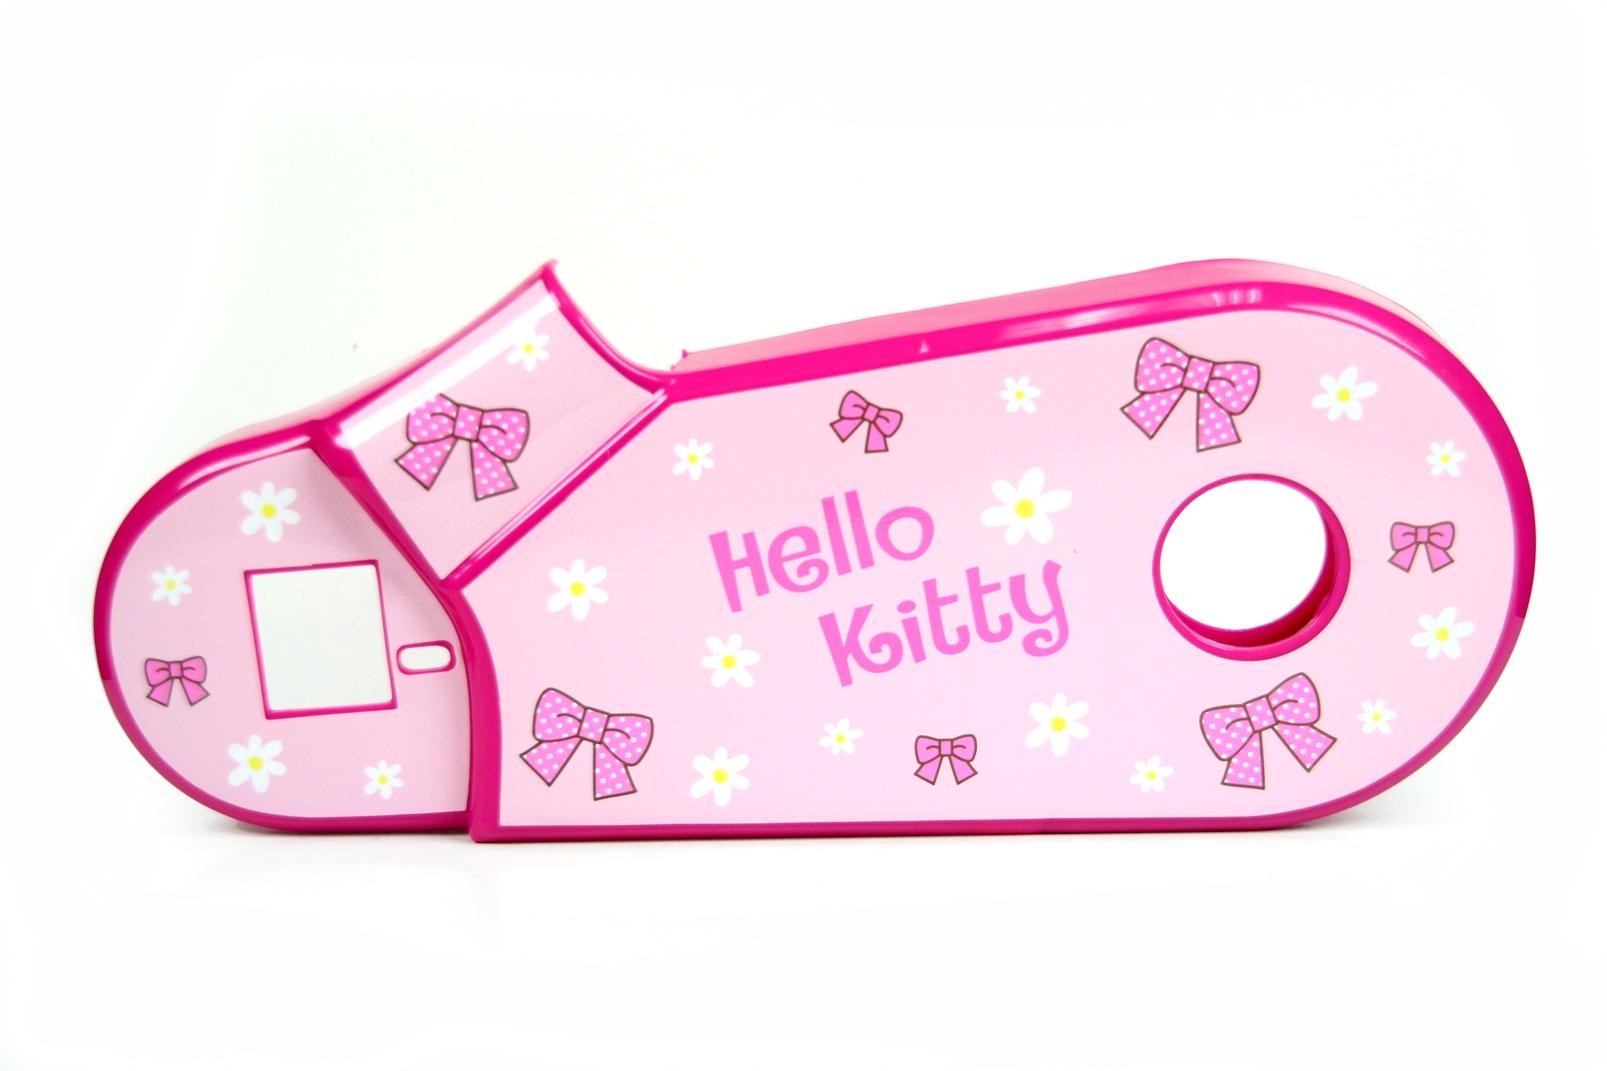 Hello kitty badezimmer zubehör ~ HELLO KITTY Kinder Fahrrad Zubehör ...